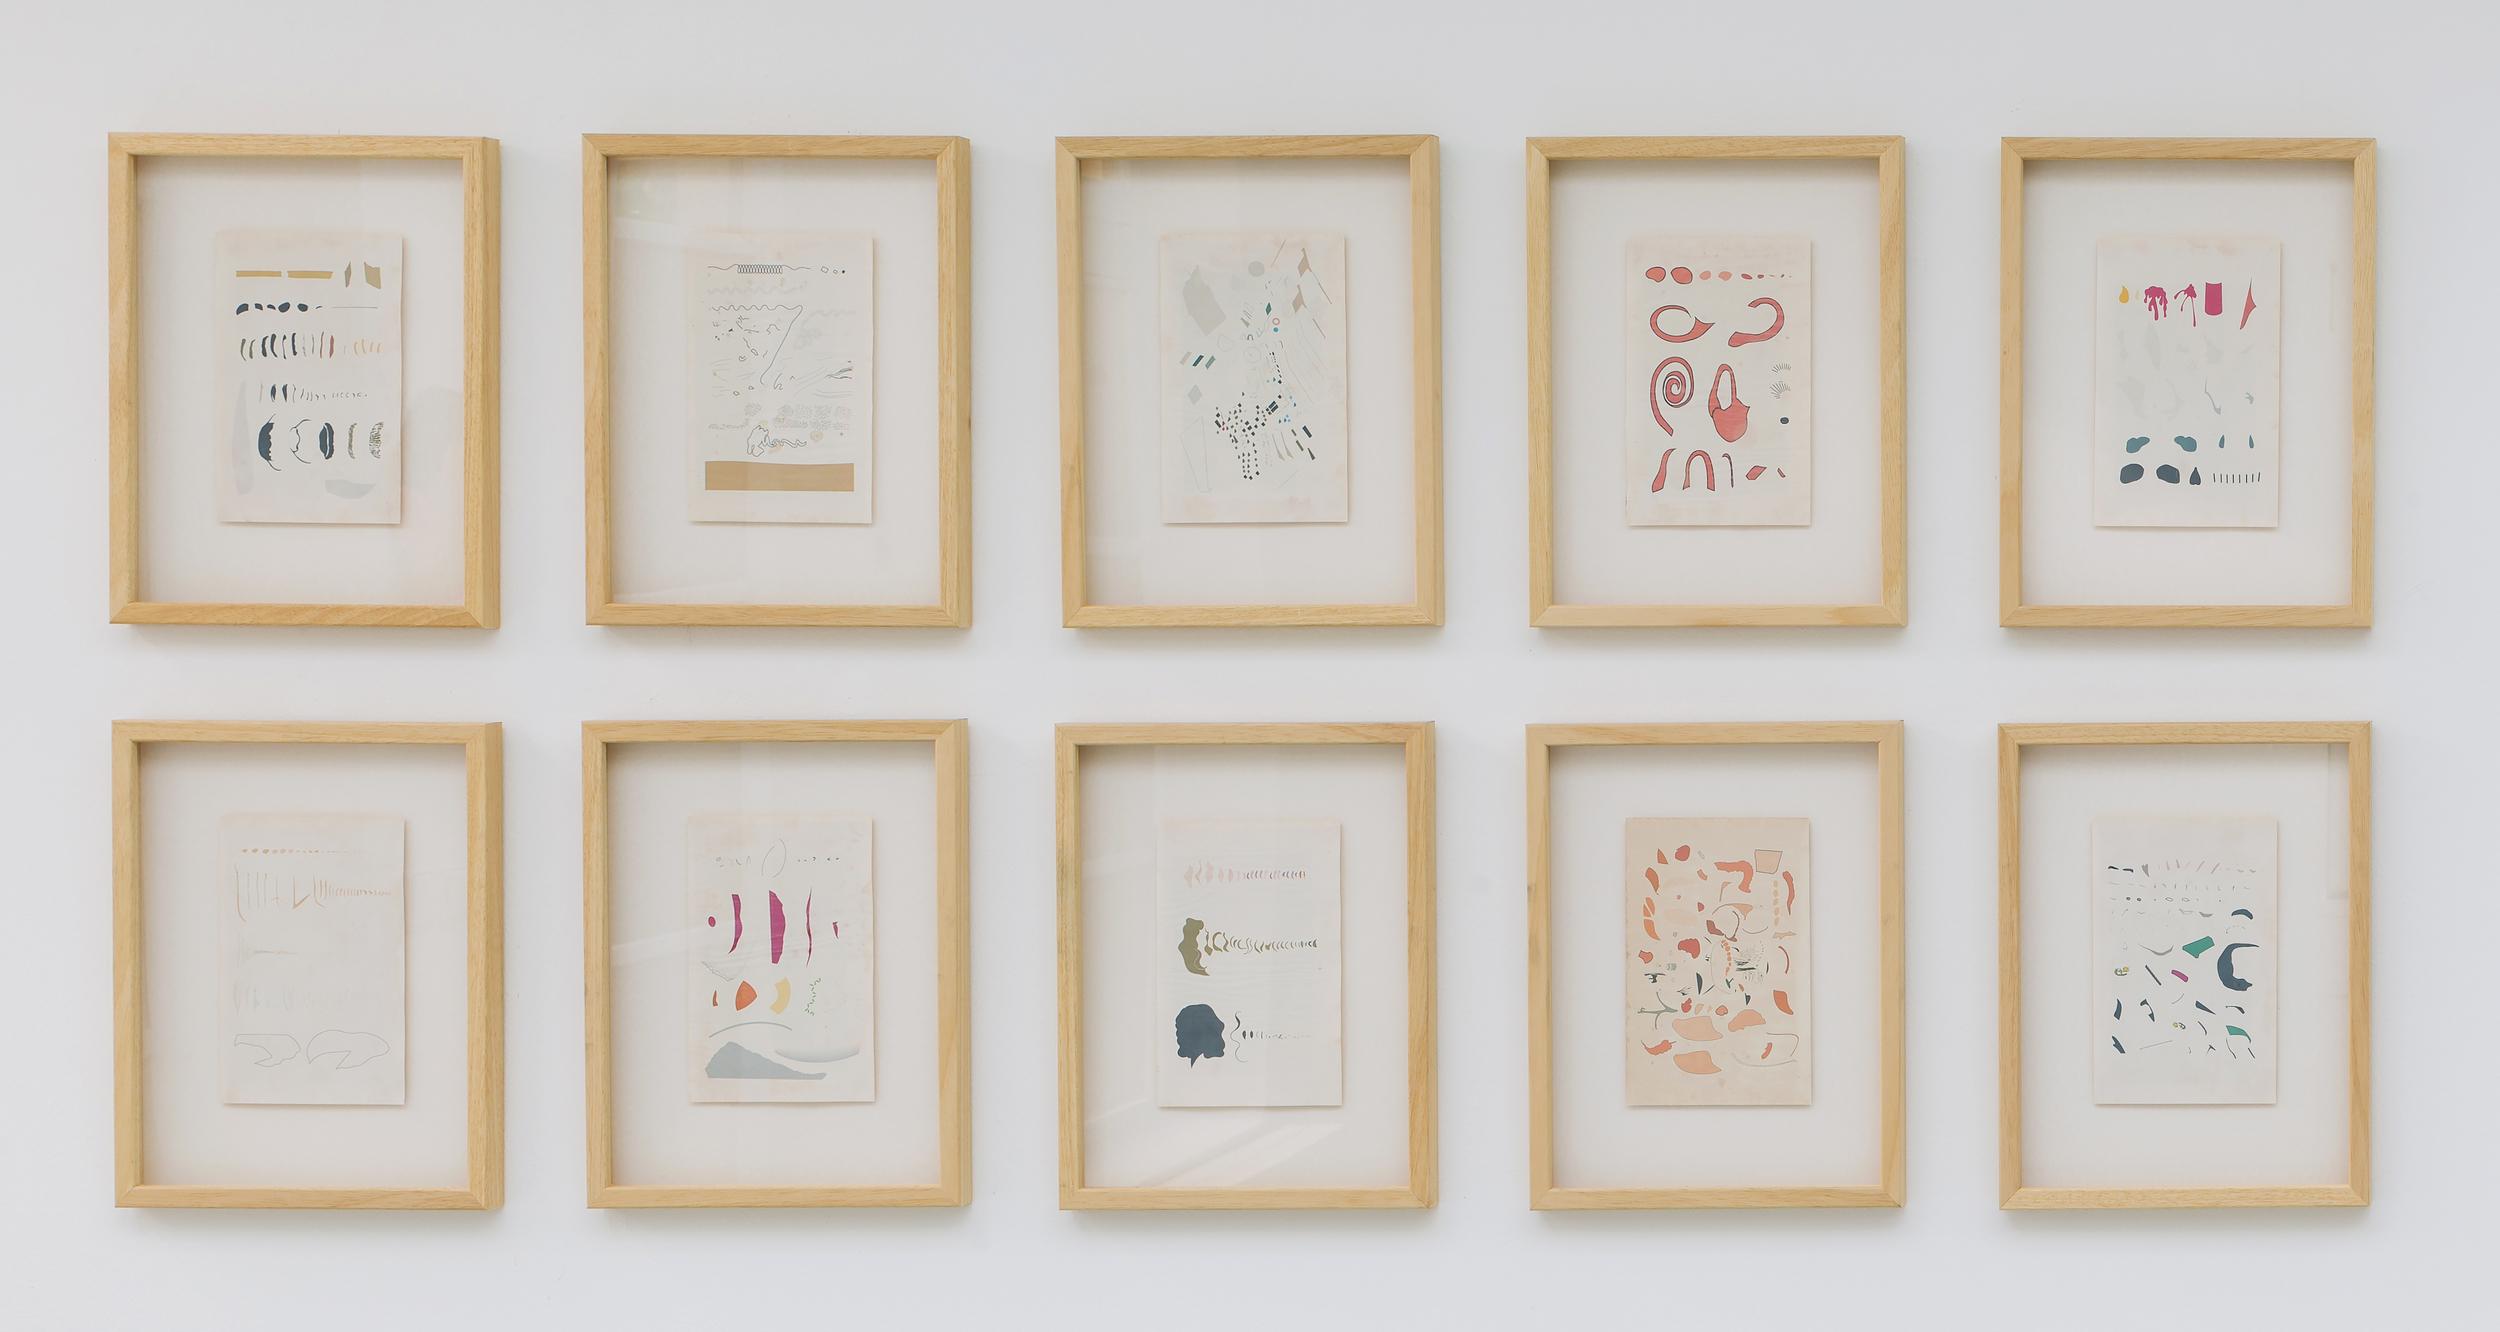 """Mateusz Kula, serie """"Iconographic excavations: Corel DRAW 3.0"""", 2015, 10 tisků na archivním papíře, 23,5 x 15,5 cm"""